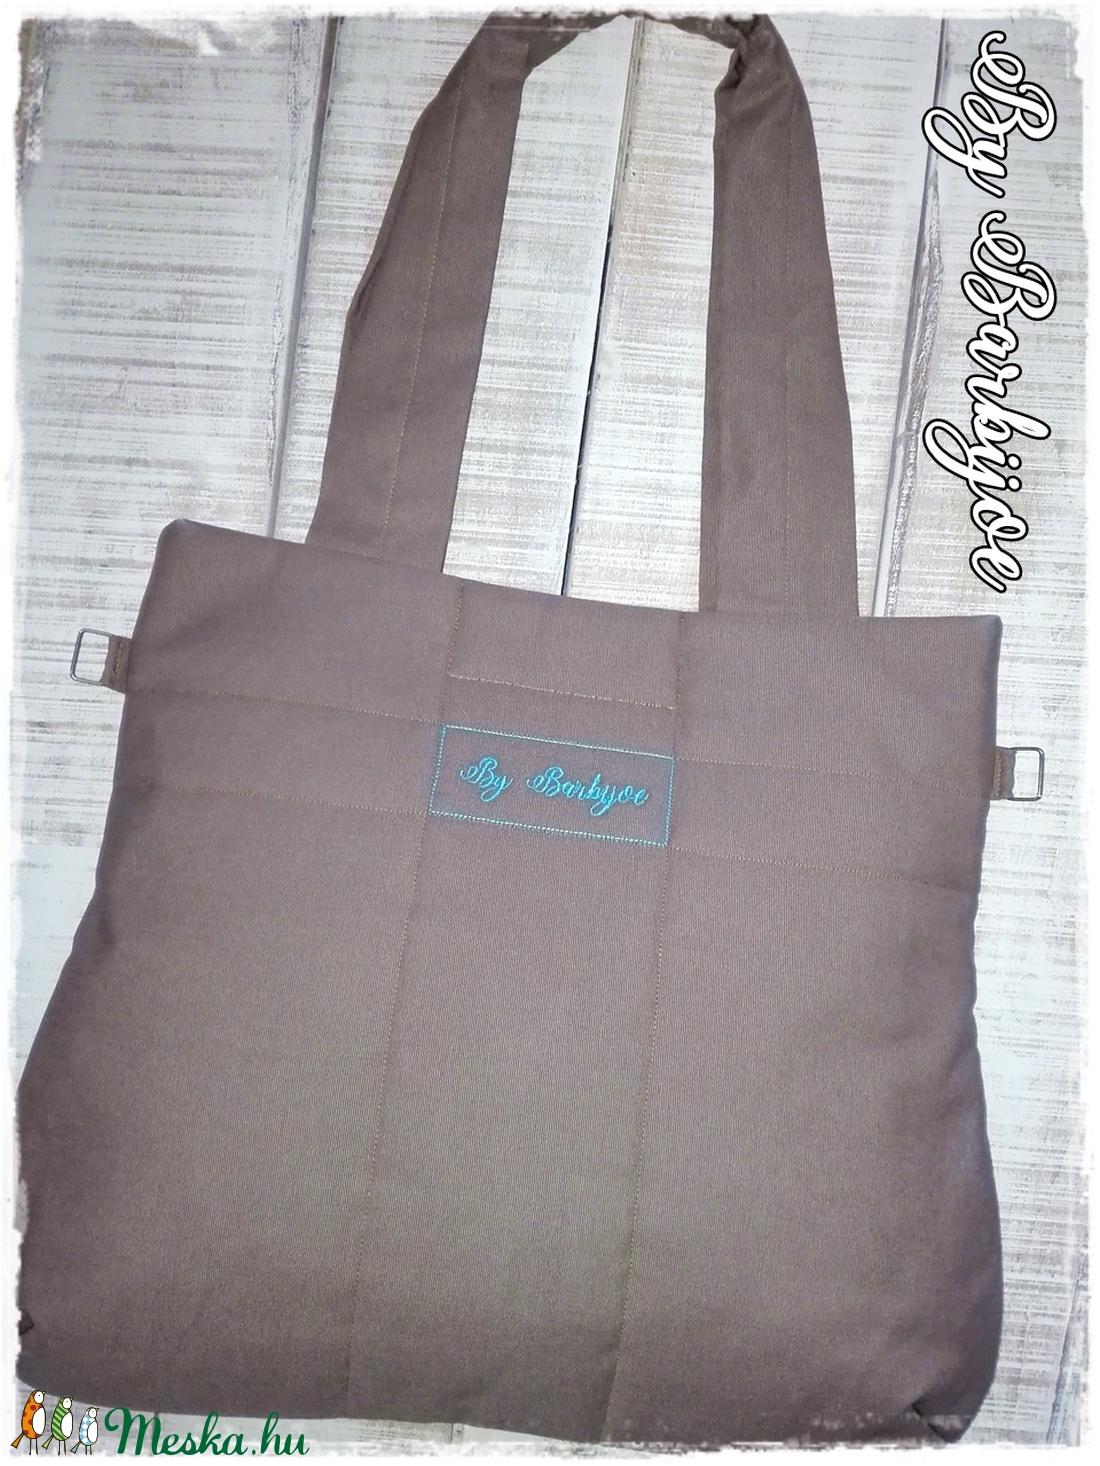 2a2d947e23da ... Álomfogó táska, egyedi hímzett táska, válltáska (barbijoe) - Meska.hu  ...